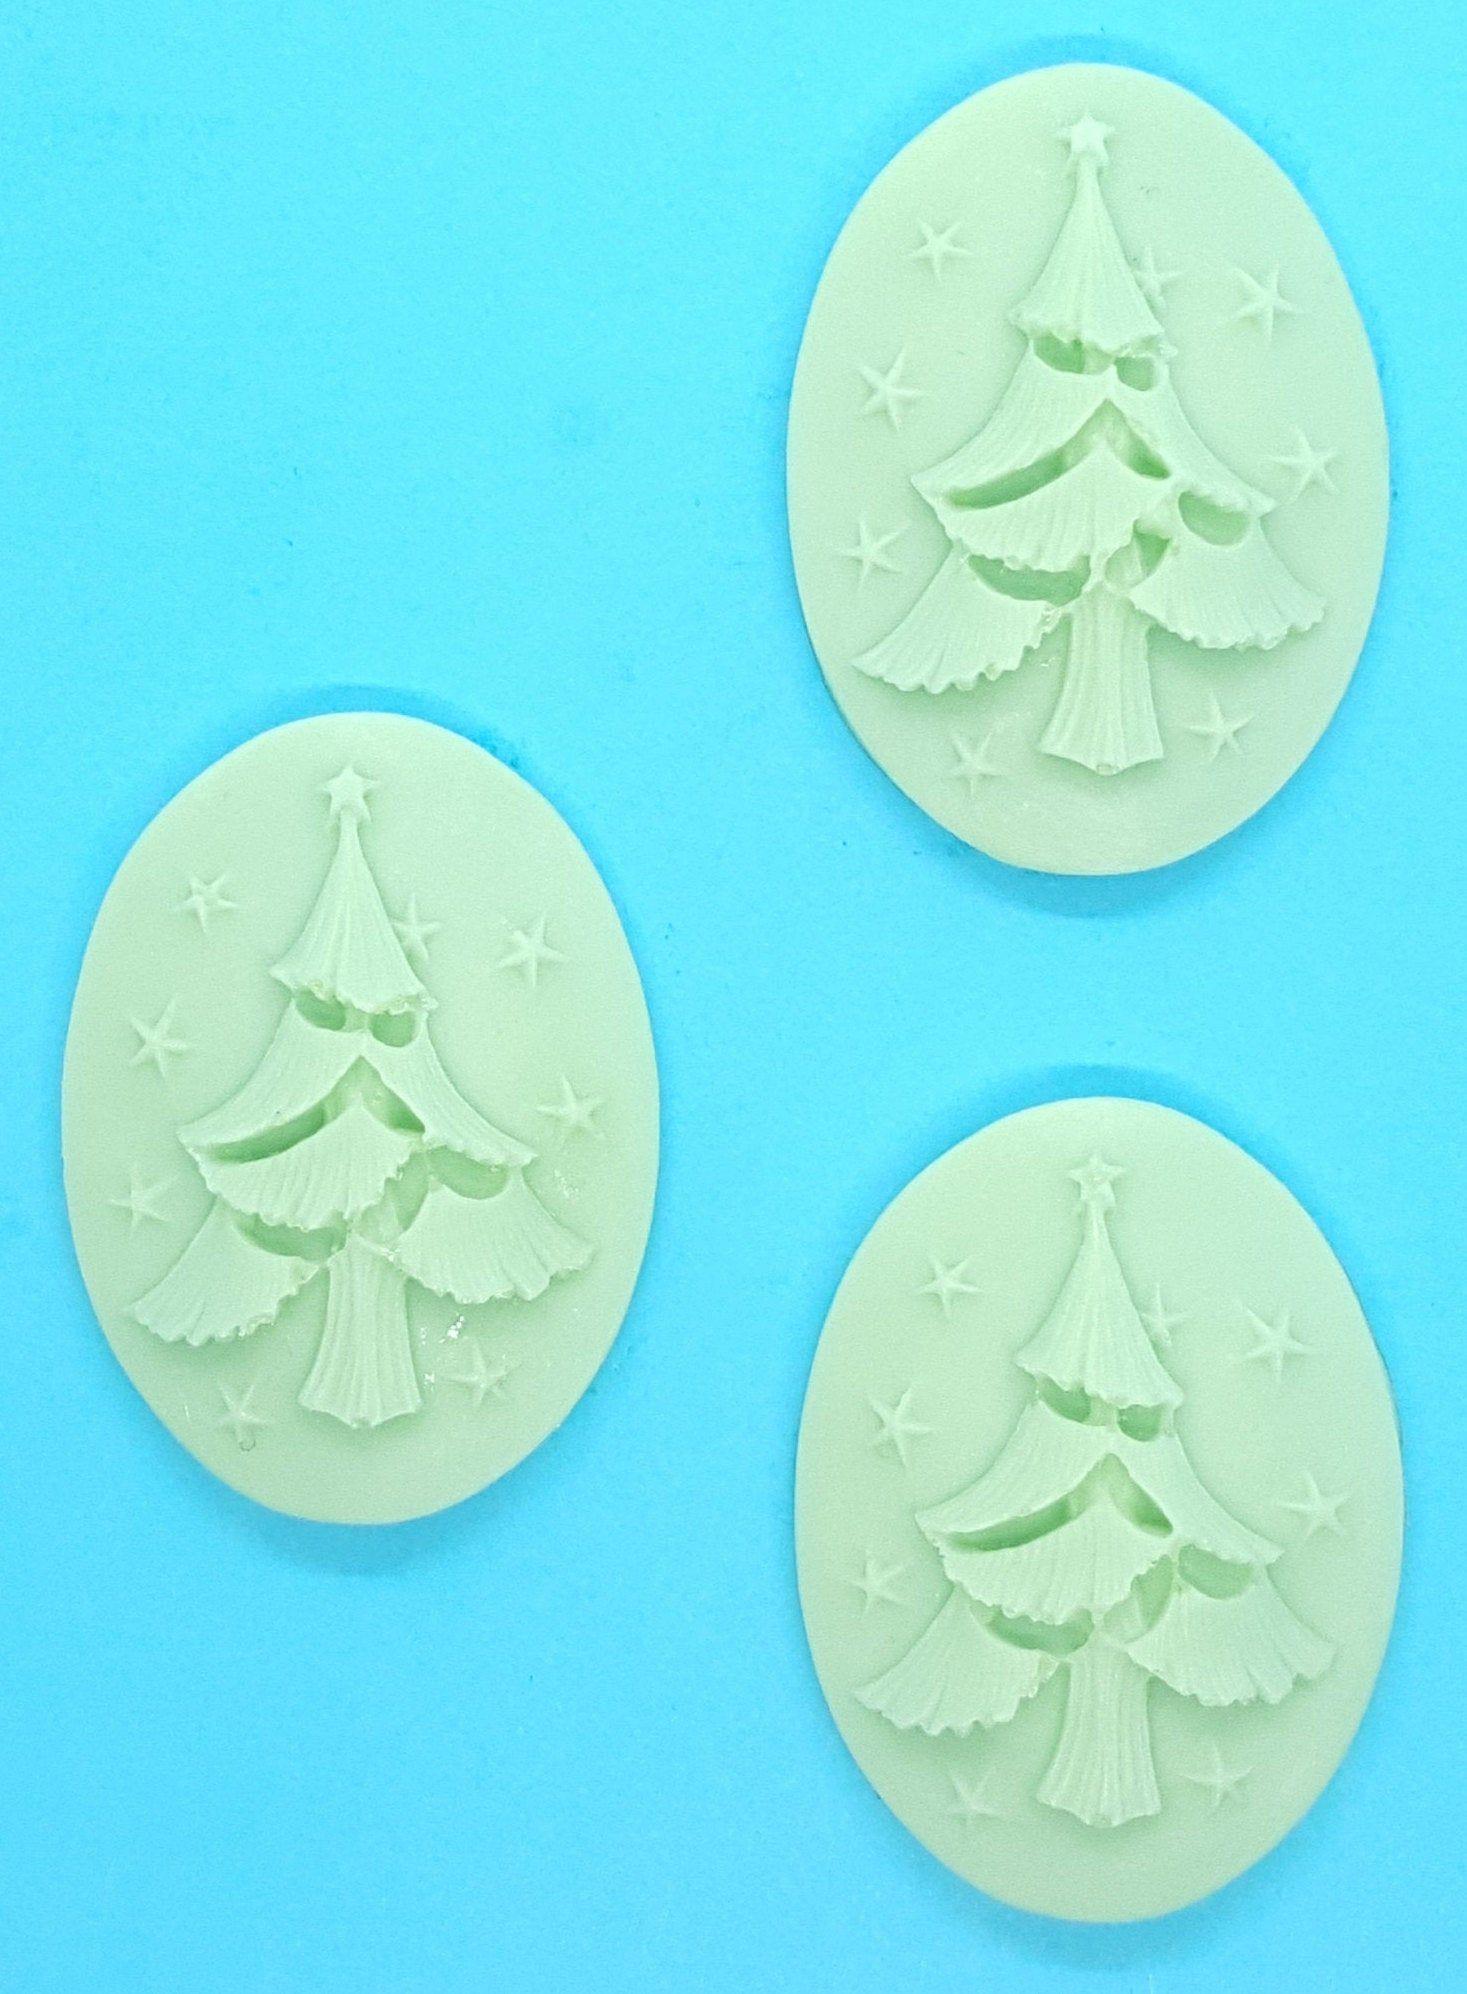 3x Weihnachten Tannenbaum Seife Weihnachtsbaum Gast Geschenk Idee Nikolaus Christkind Geburtstag Kind Badezimmer Bad Deko Tanne Nadel Baum Personalized Items